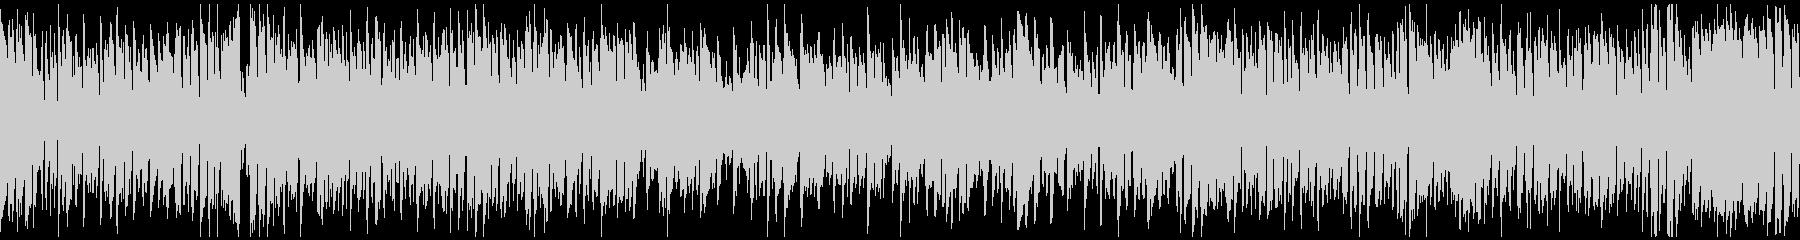 ひょうきんで元気なリコーダー曲※ループ版の未再生の波形